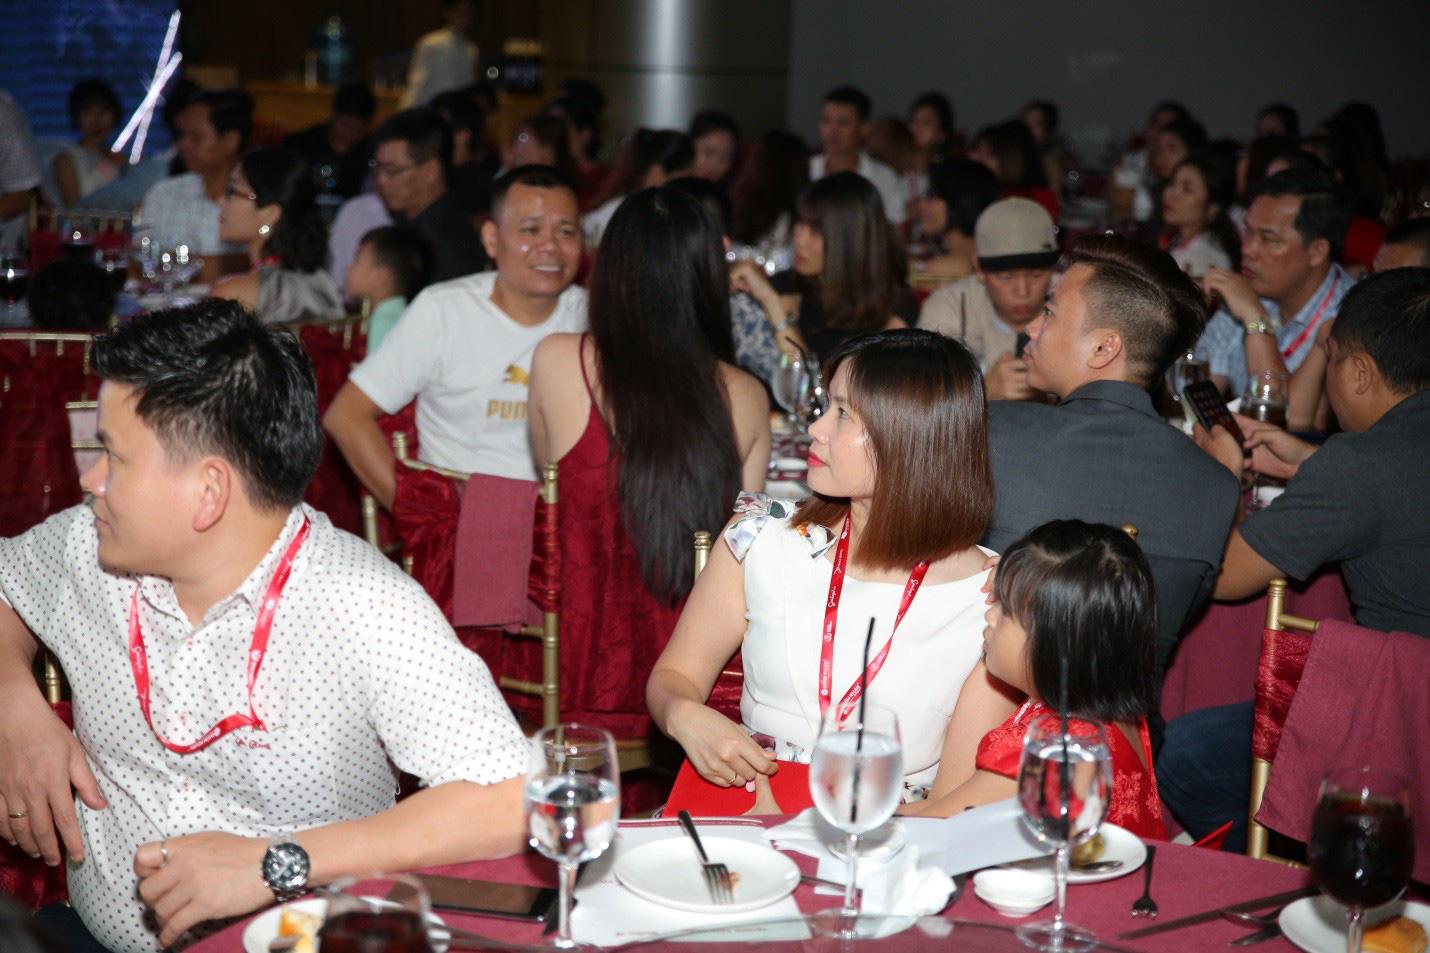 Hơn 600 khách hàng tham dự dạ tiệc tri ân khách hàng của SeoulSpa.Vn - Ảnh 6.